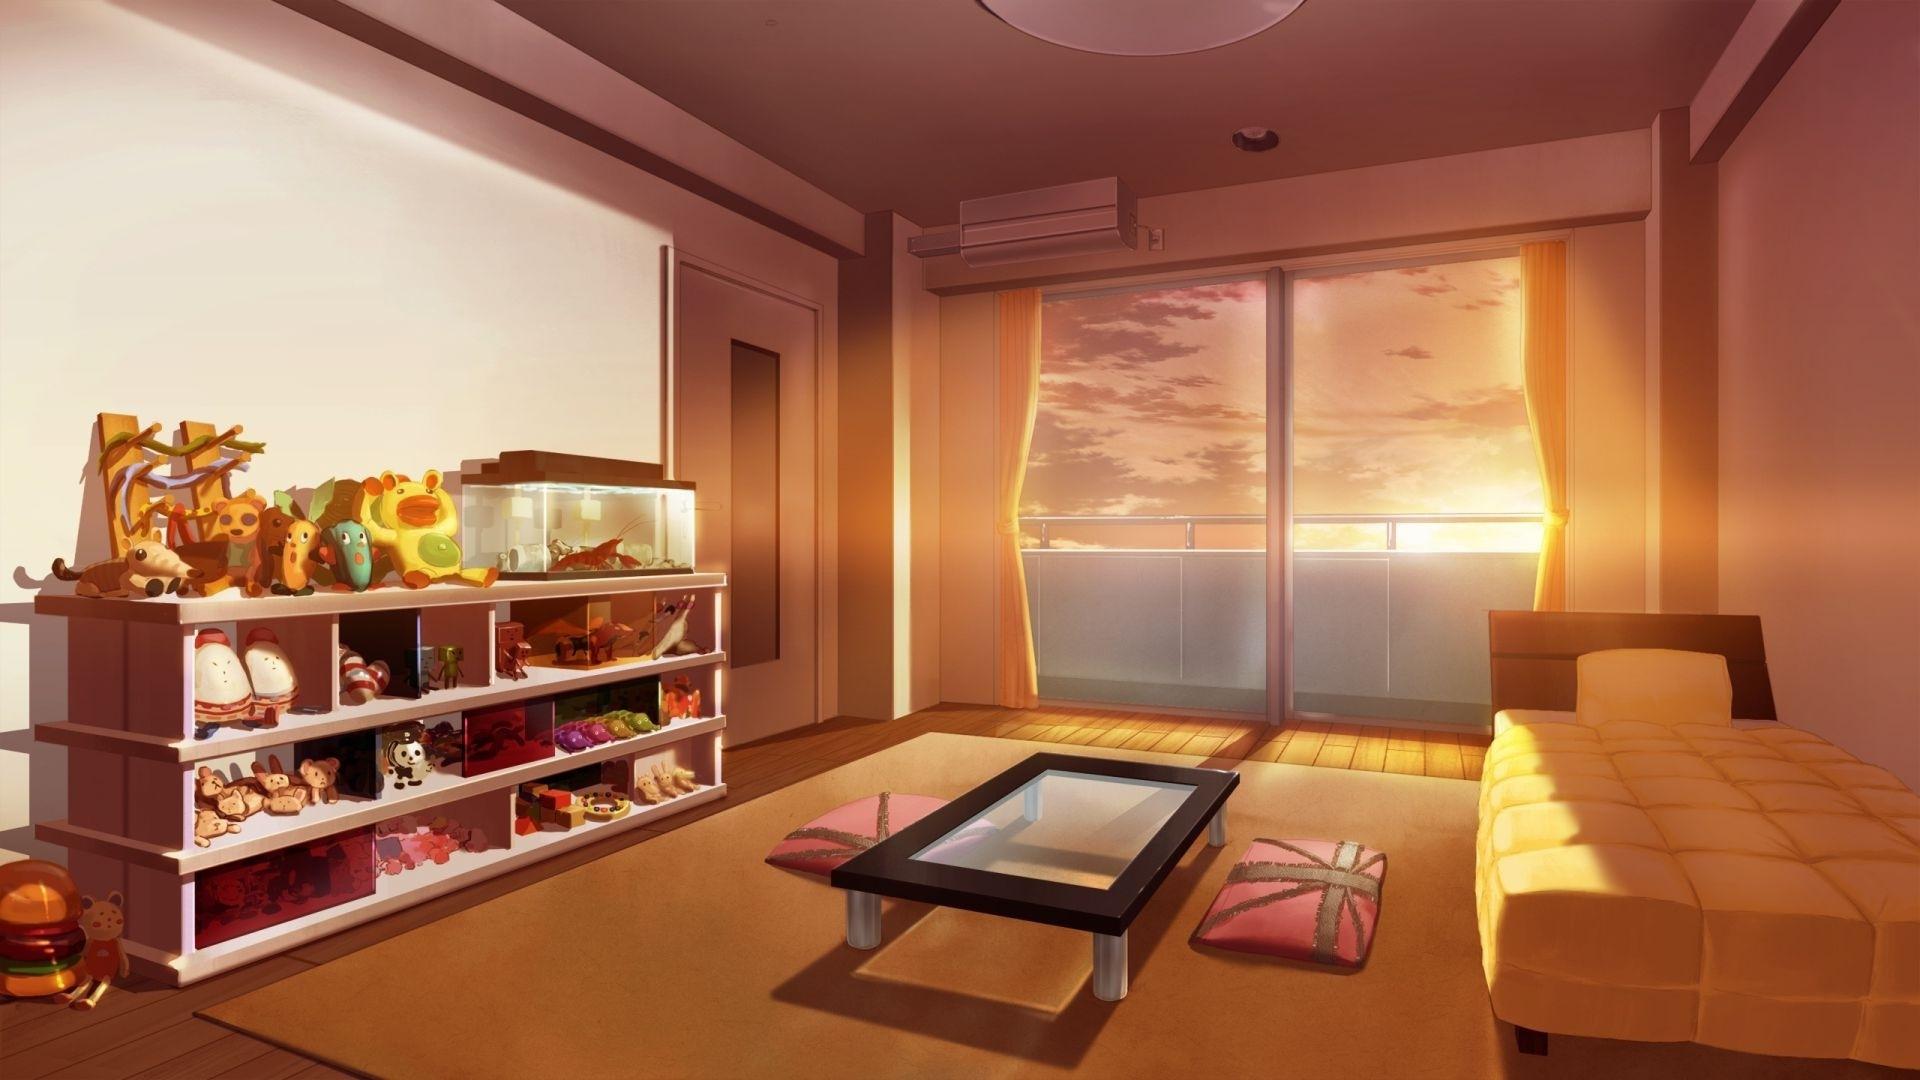 Anime Bedroom Download Wallpaper